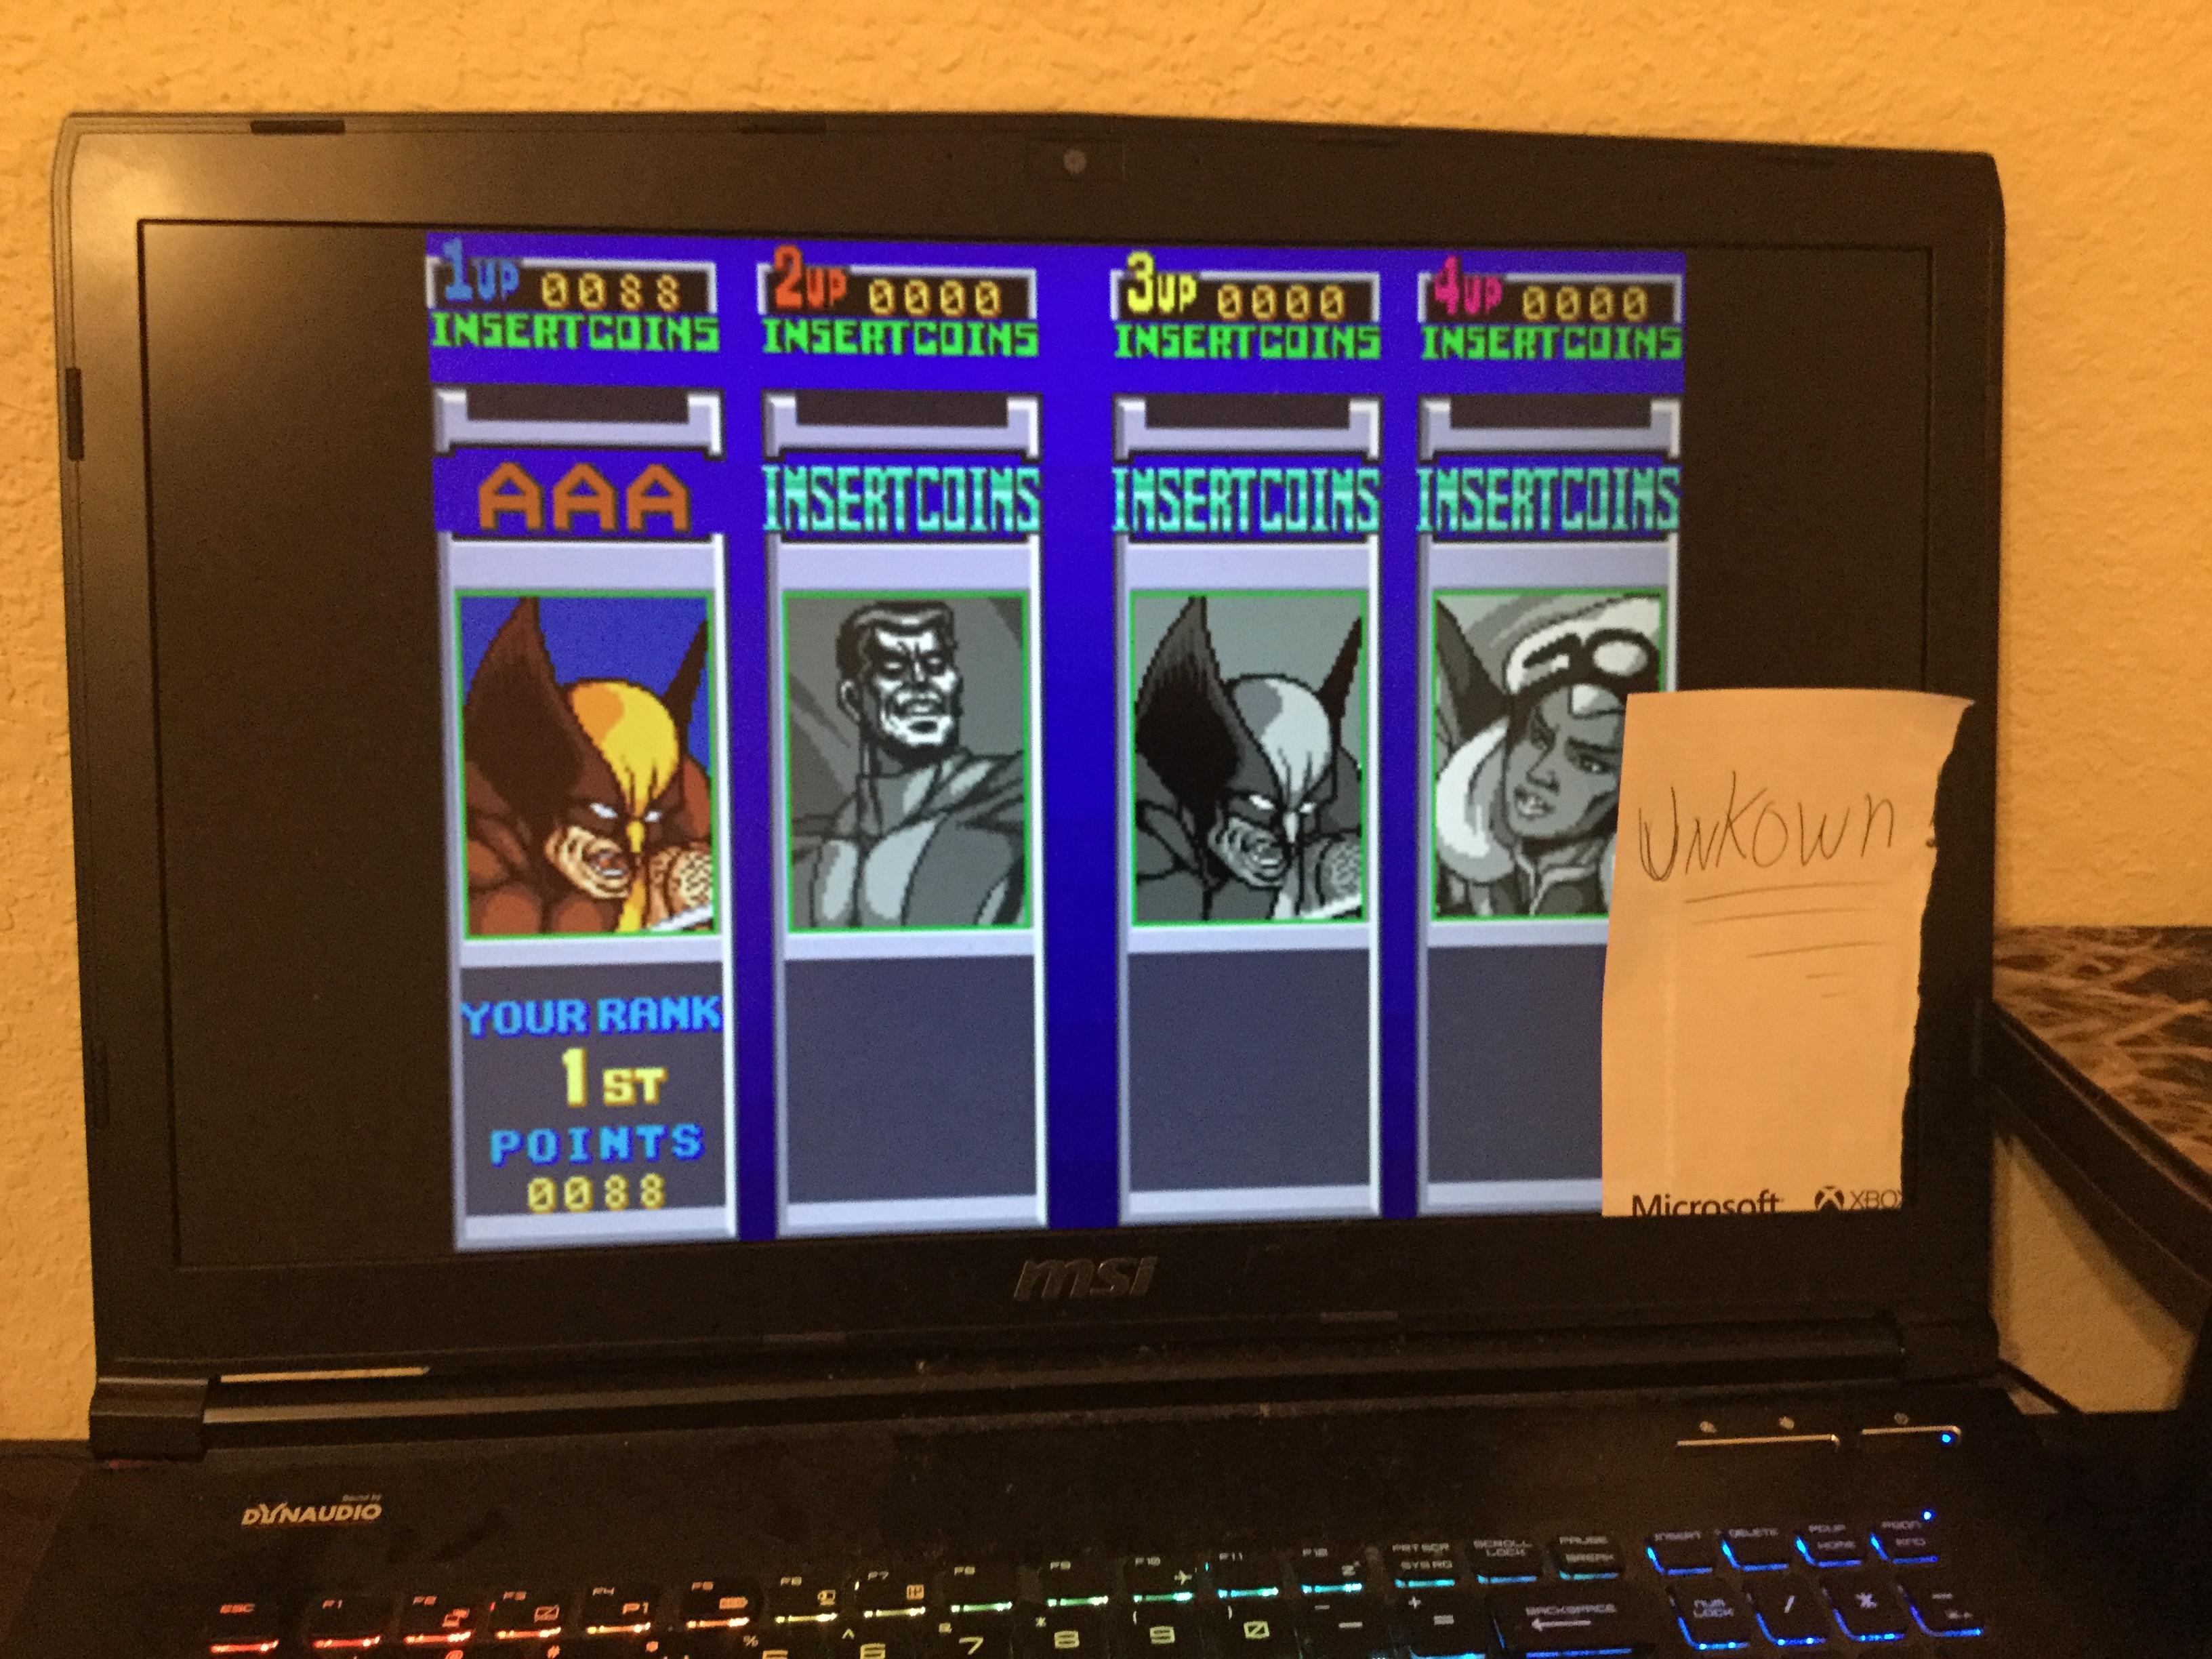 Unkown: X-Men [xmen] (Arcade Emulated / M.A.M.E.) 88 points on 2016-01-14 09:00:37